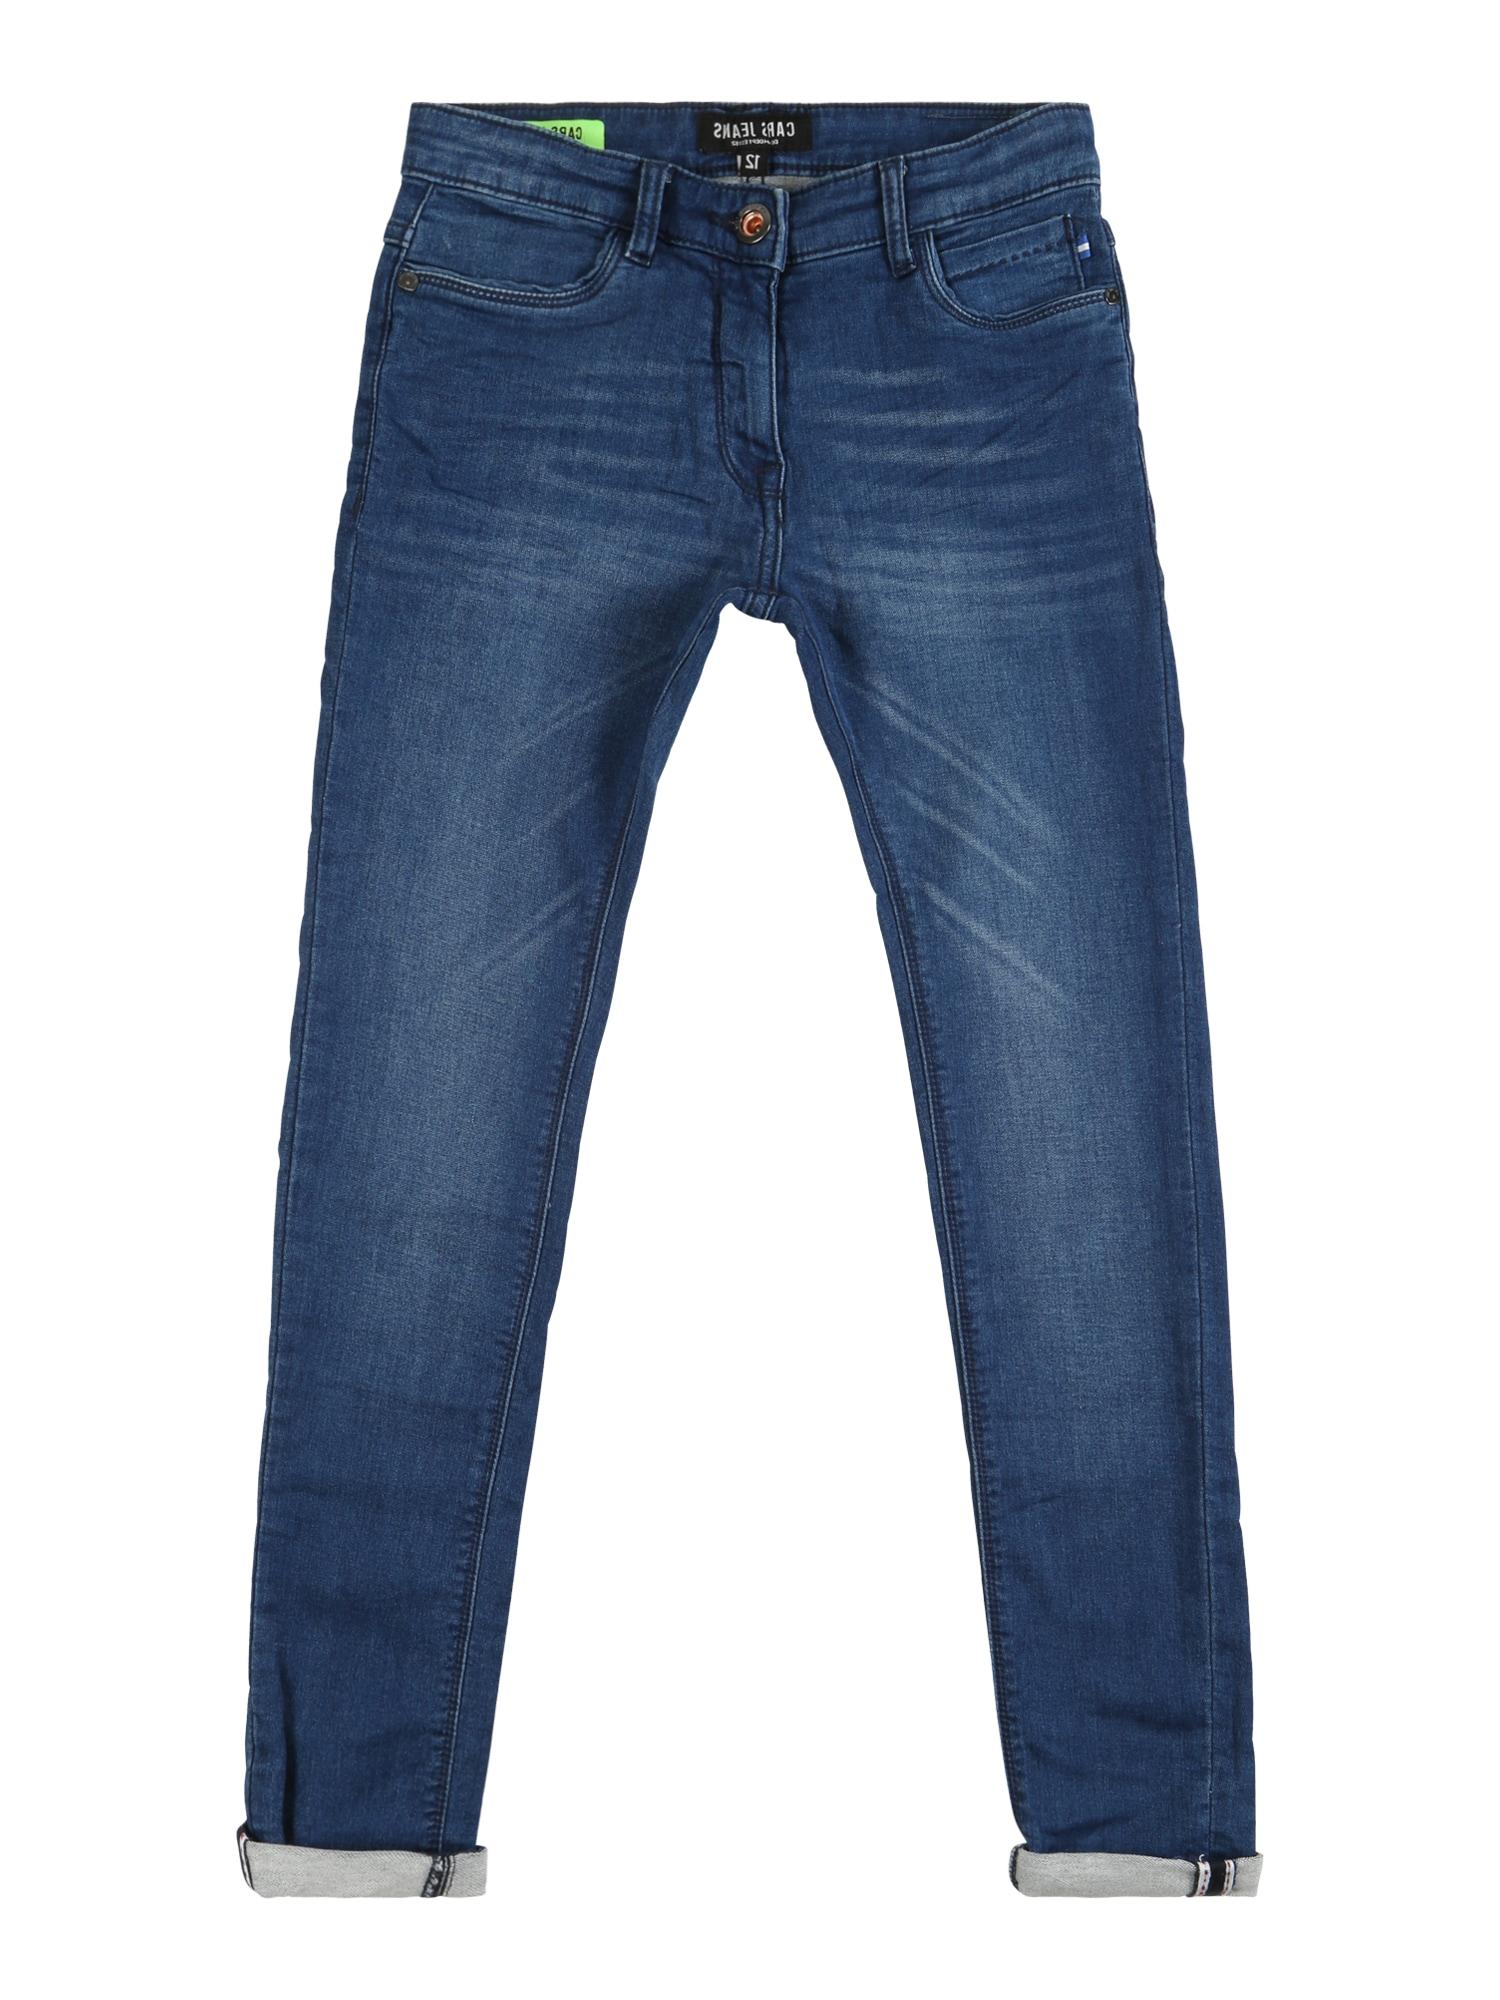 Džíny KIDS BURGO JOG DEN. modrá džínovina Cars Jeans